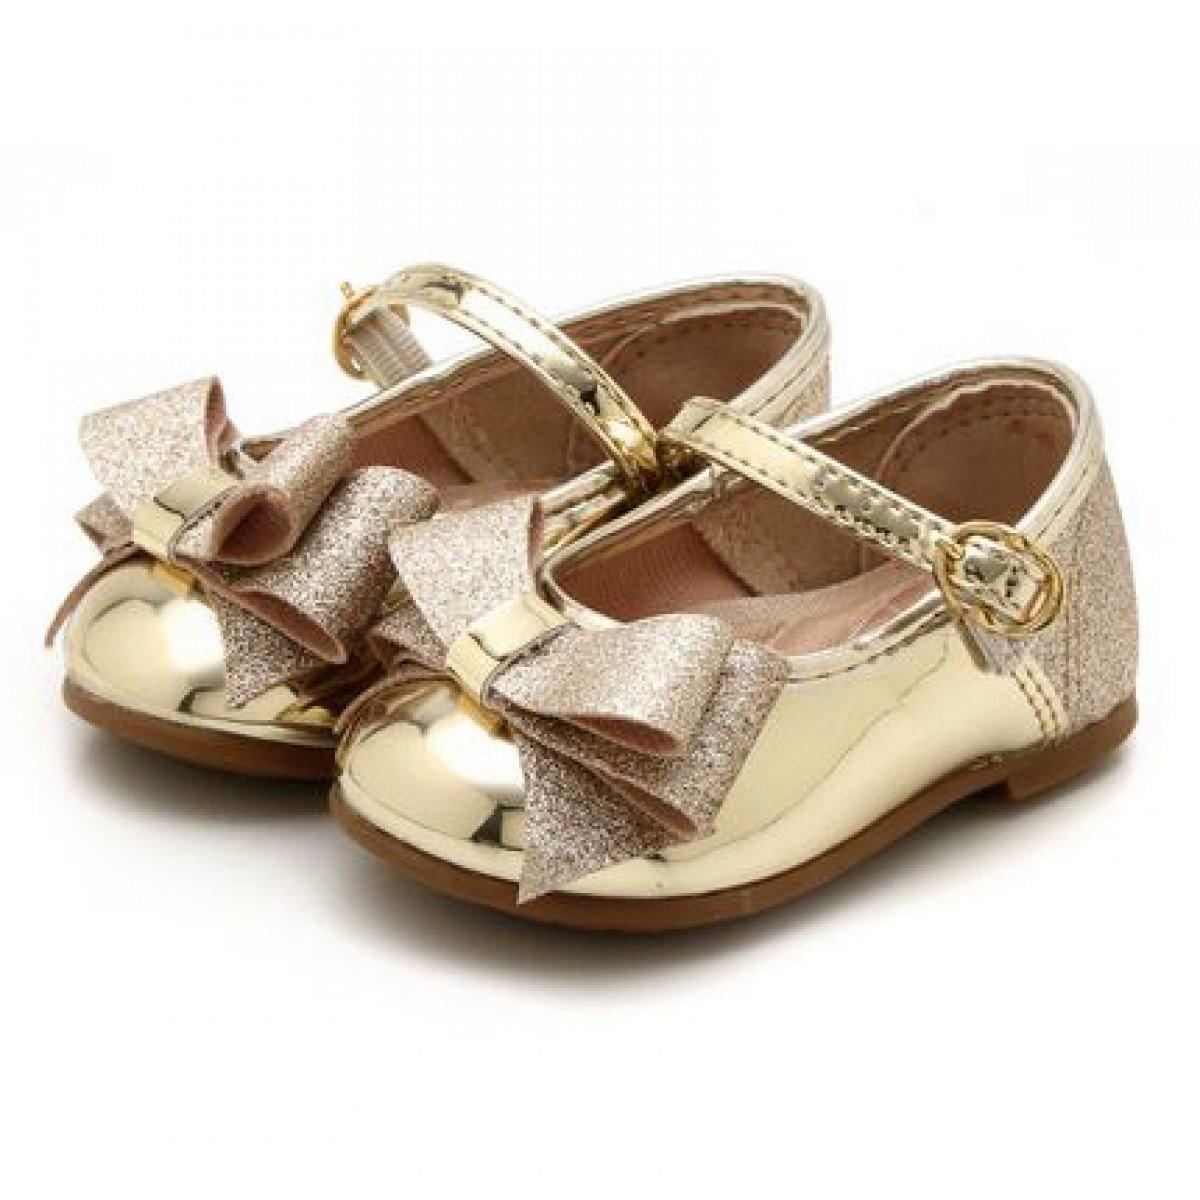 5439d1b14 Sapatilha Molekinha Laço Dourado Gliter - Compre Agora   Cabana Magazine